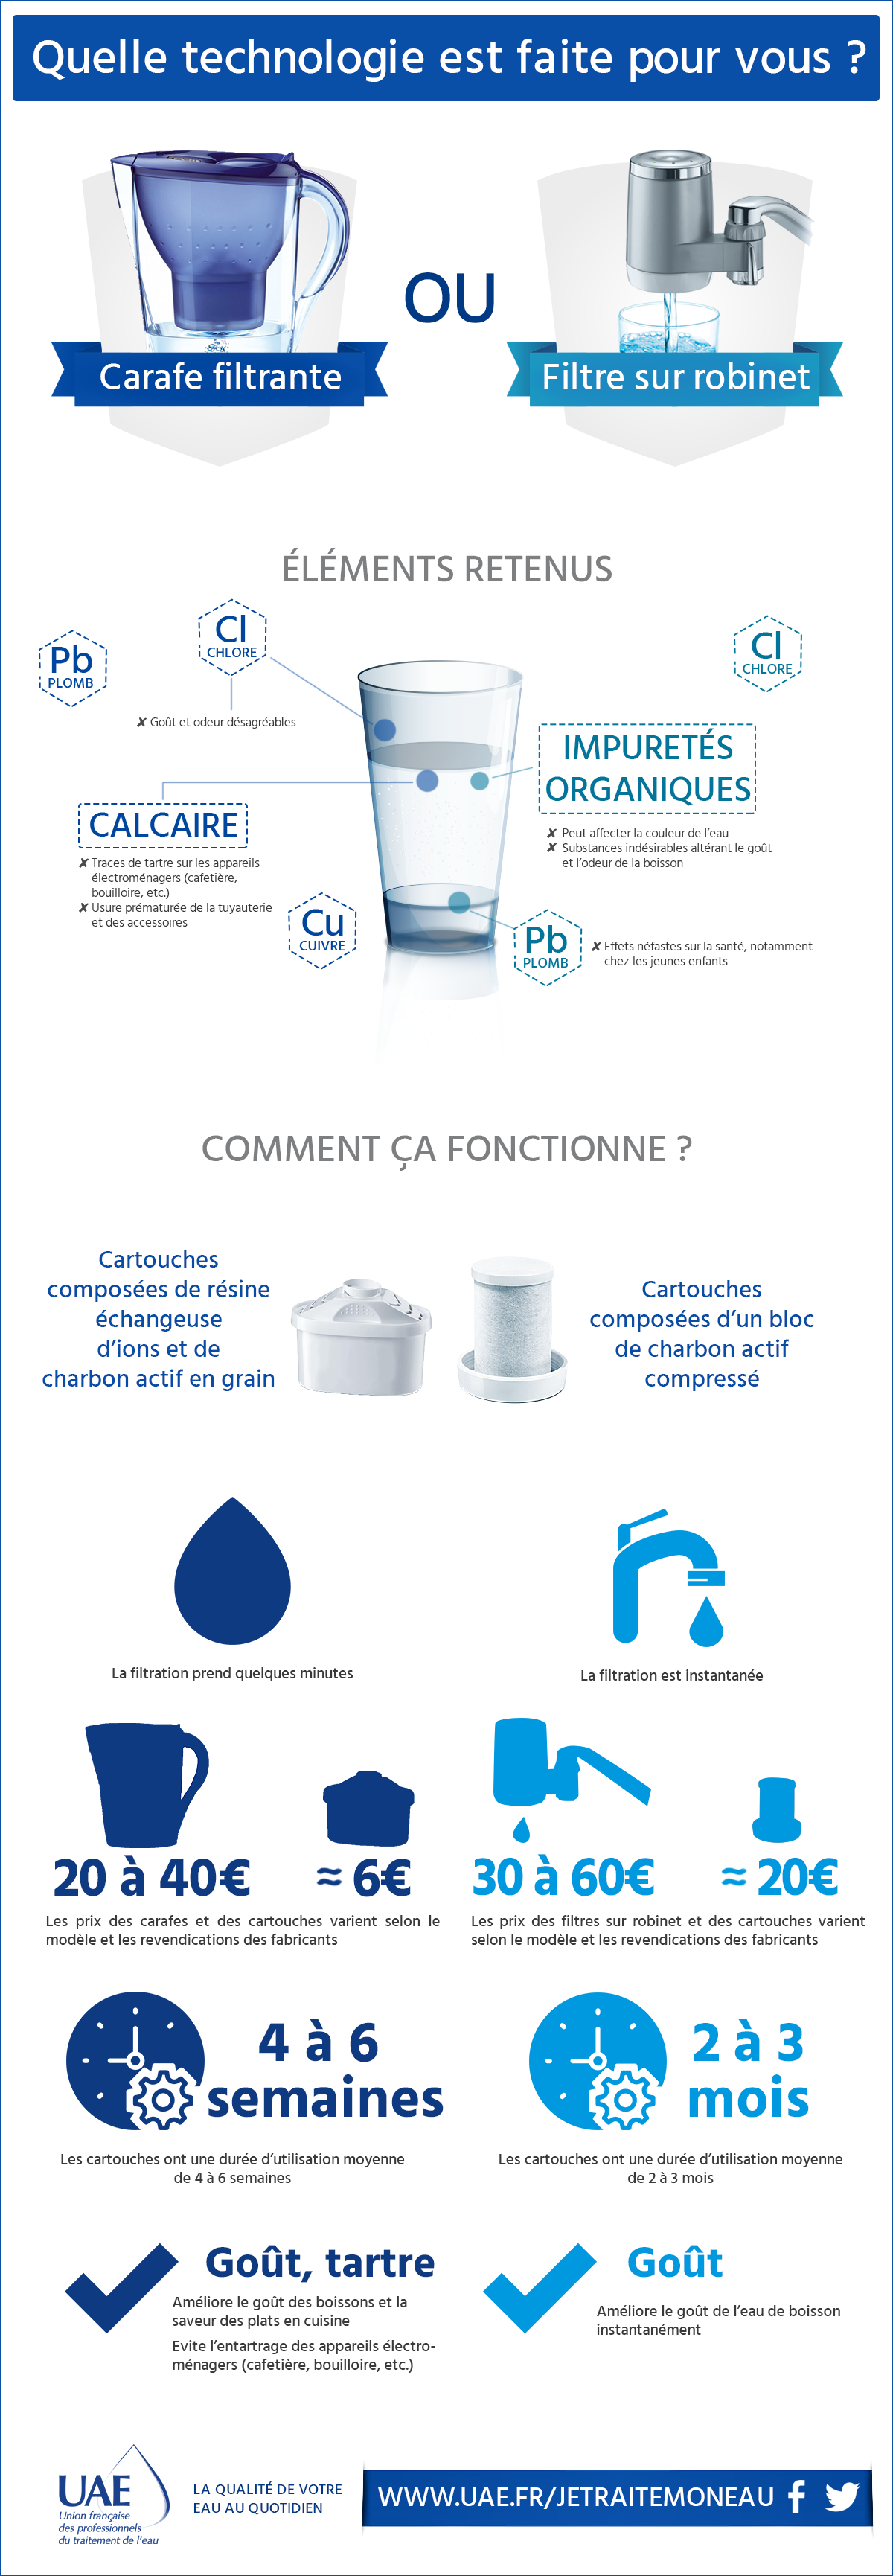 carafe filtrante filtre robinet